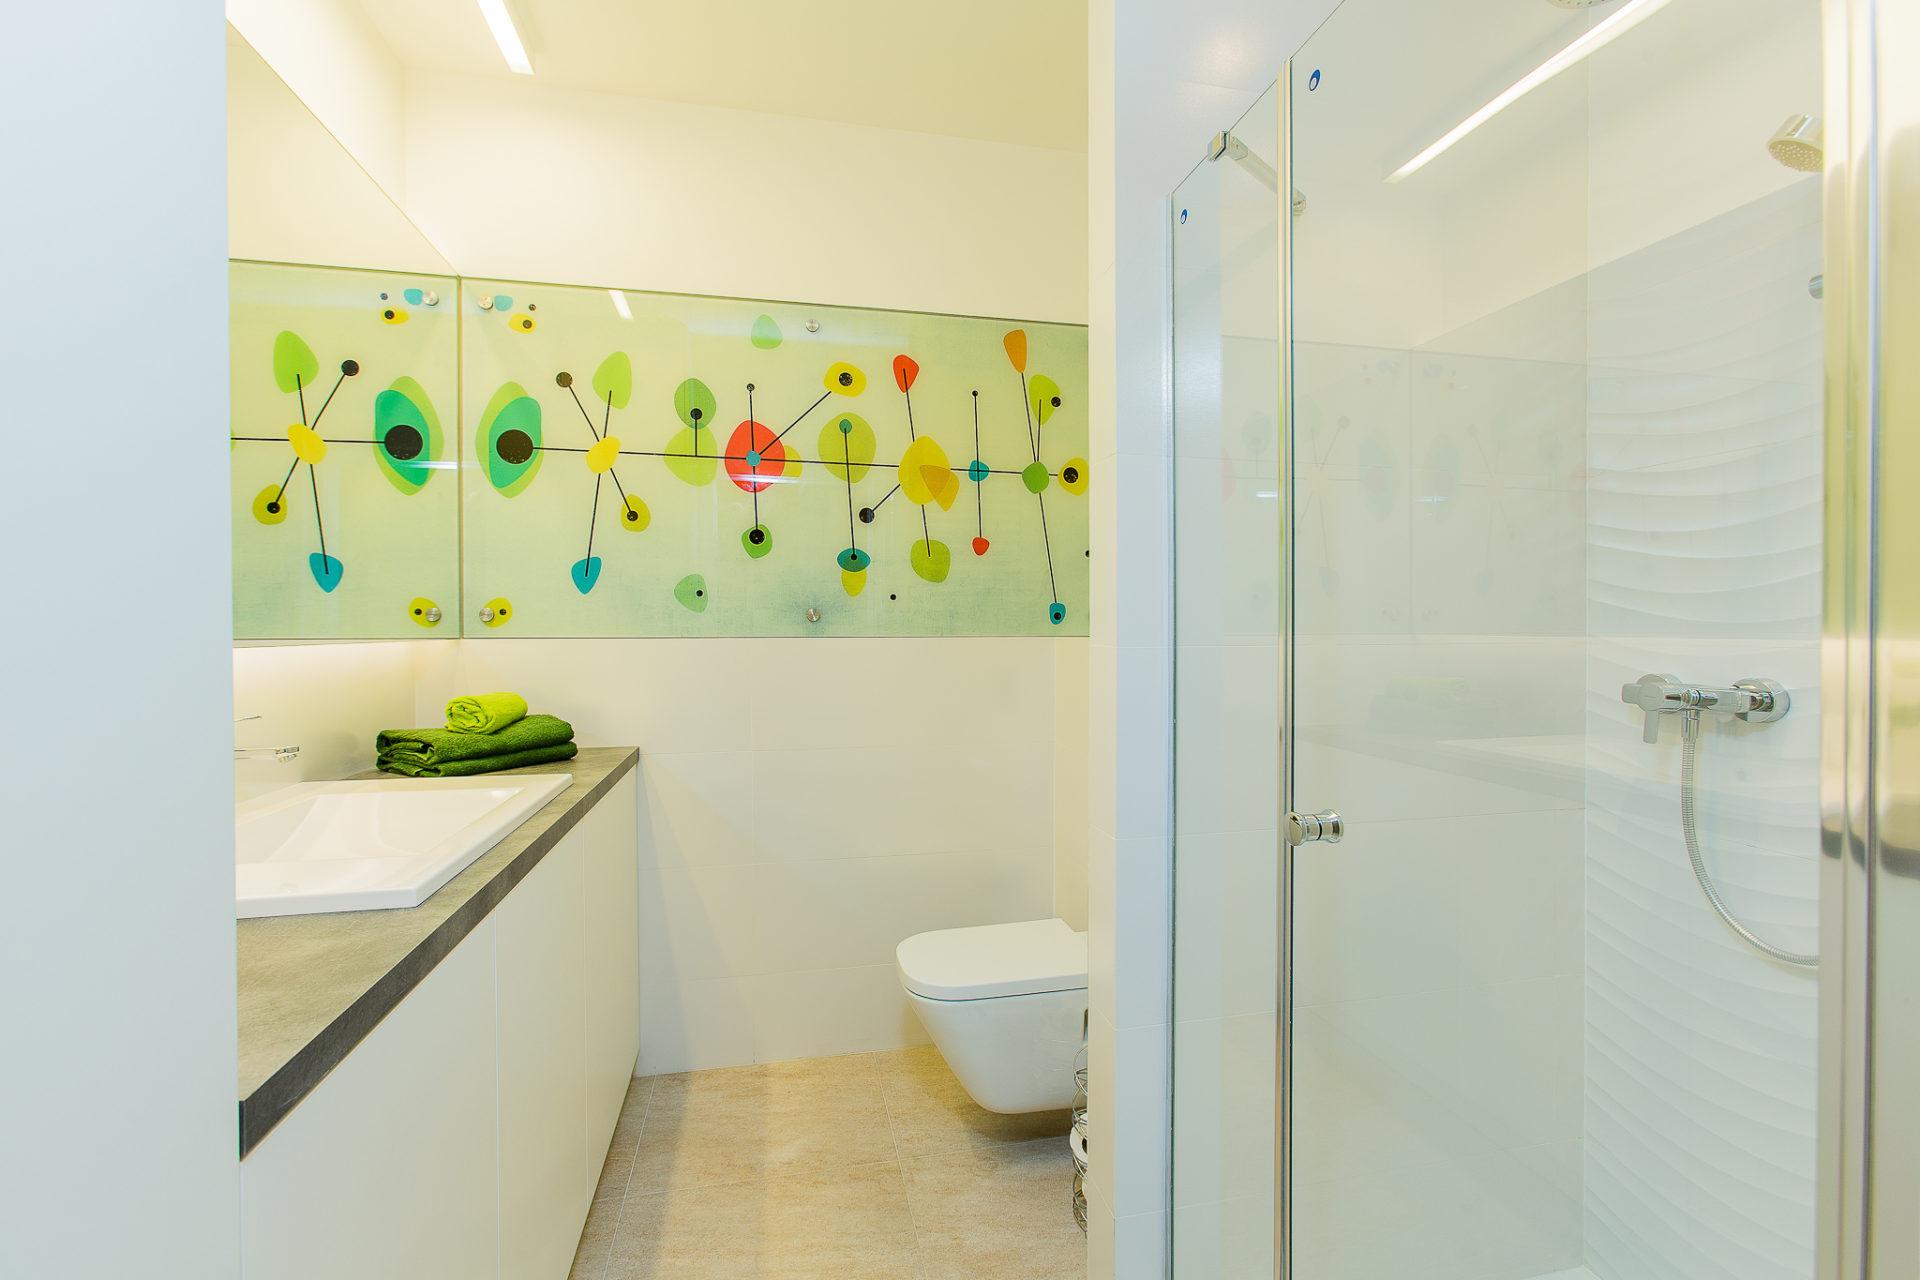 łazienka, apartament mango, projekt wnętrz, architekt wrocław,koru, gosia herba,julia koczur 14.jpg